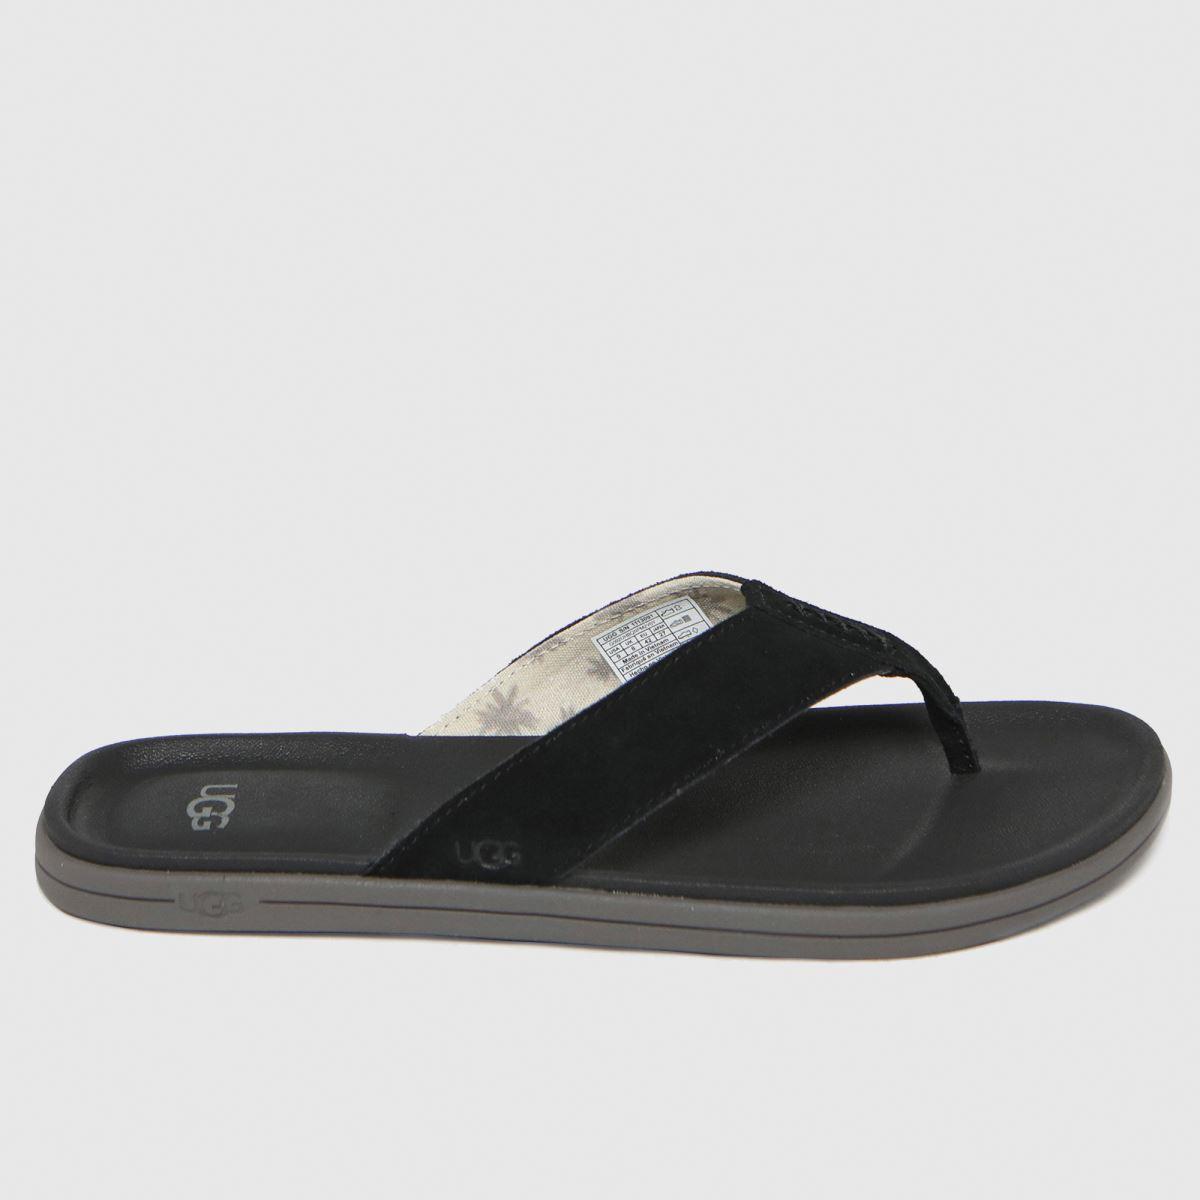 UGG Black Brookside Flip Sandals